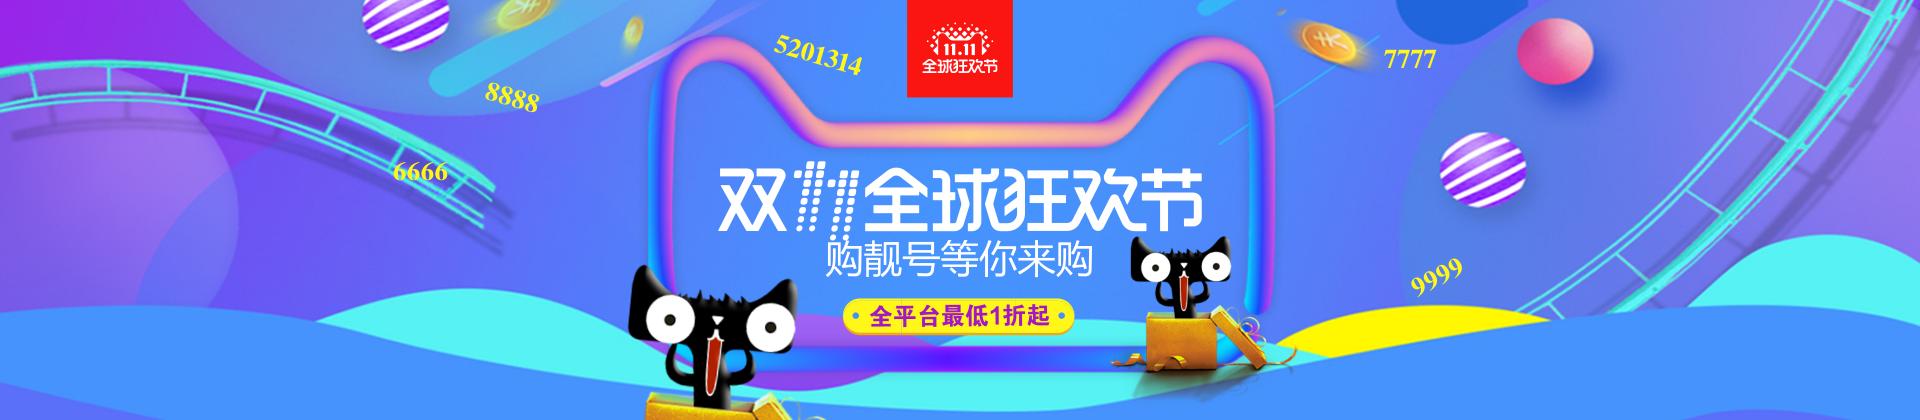 购靓号-手机靓号、QQ靓号等虚拟资源交易平台